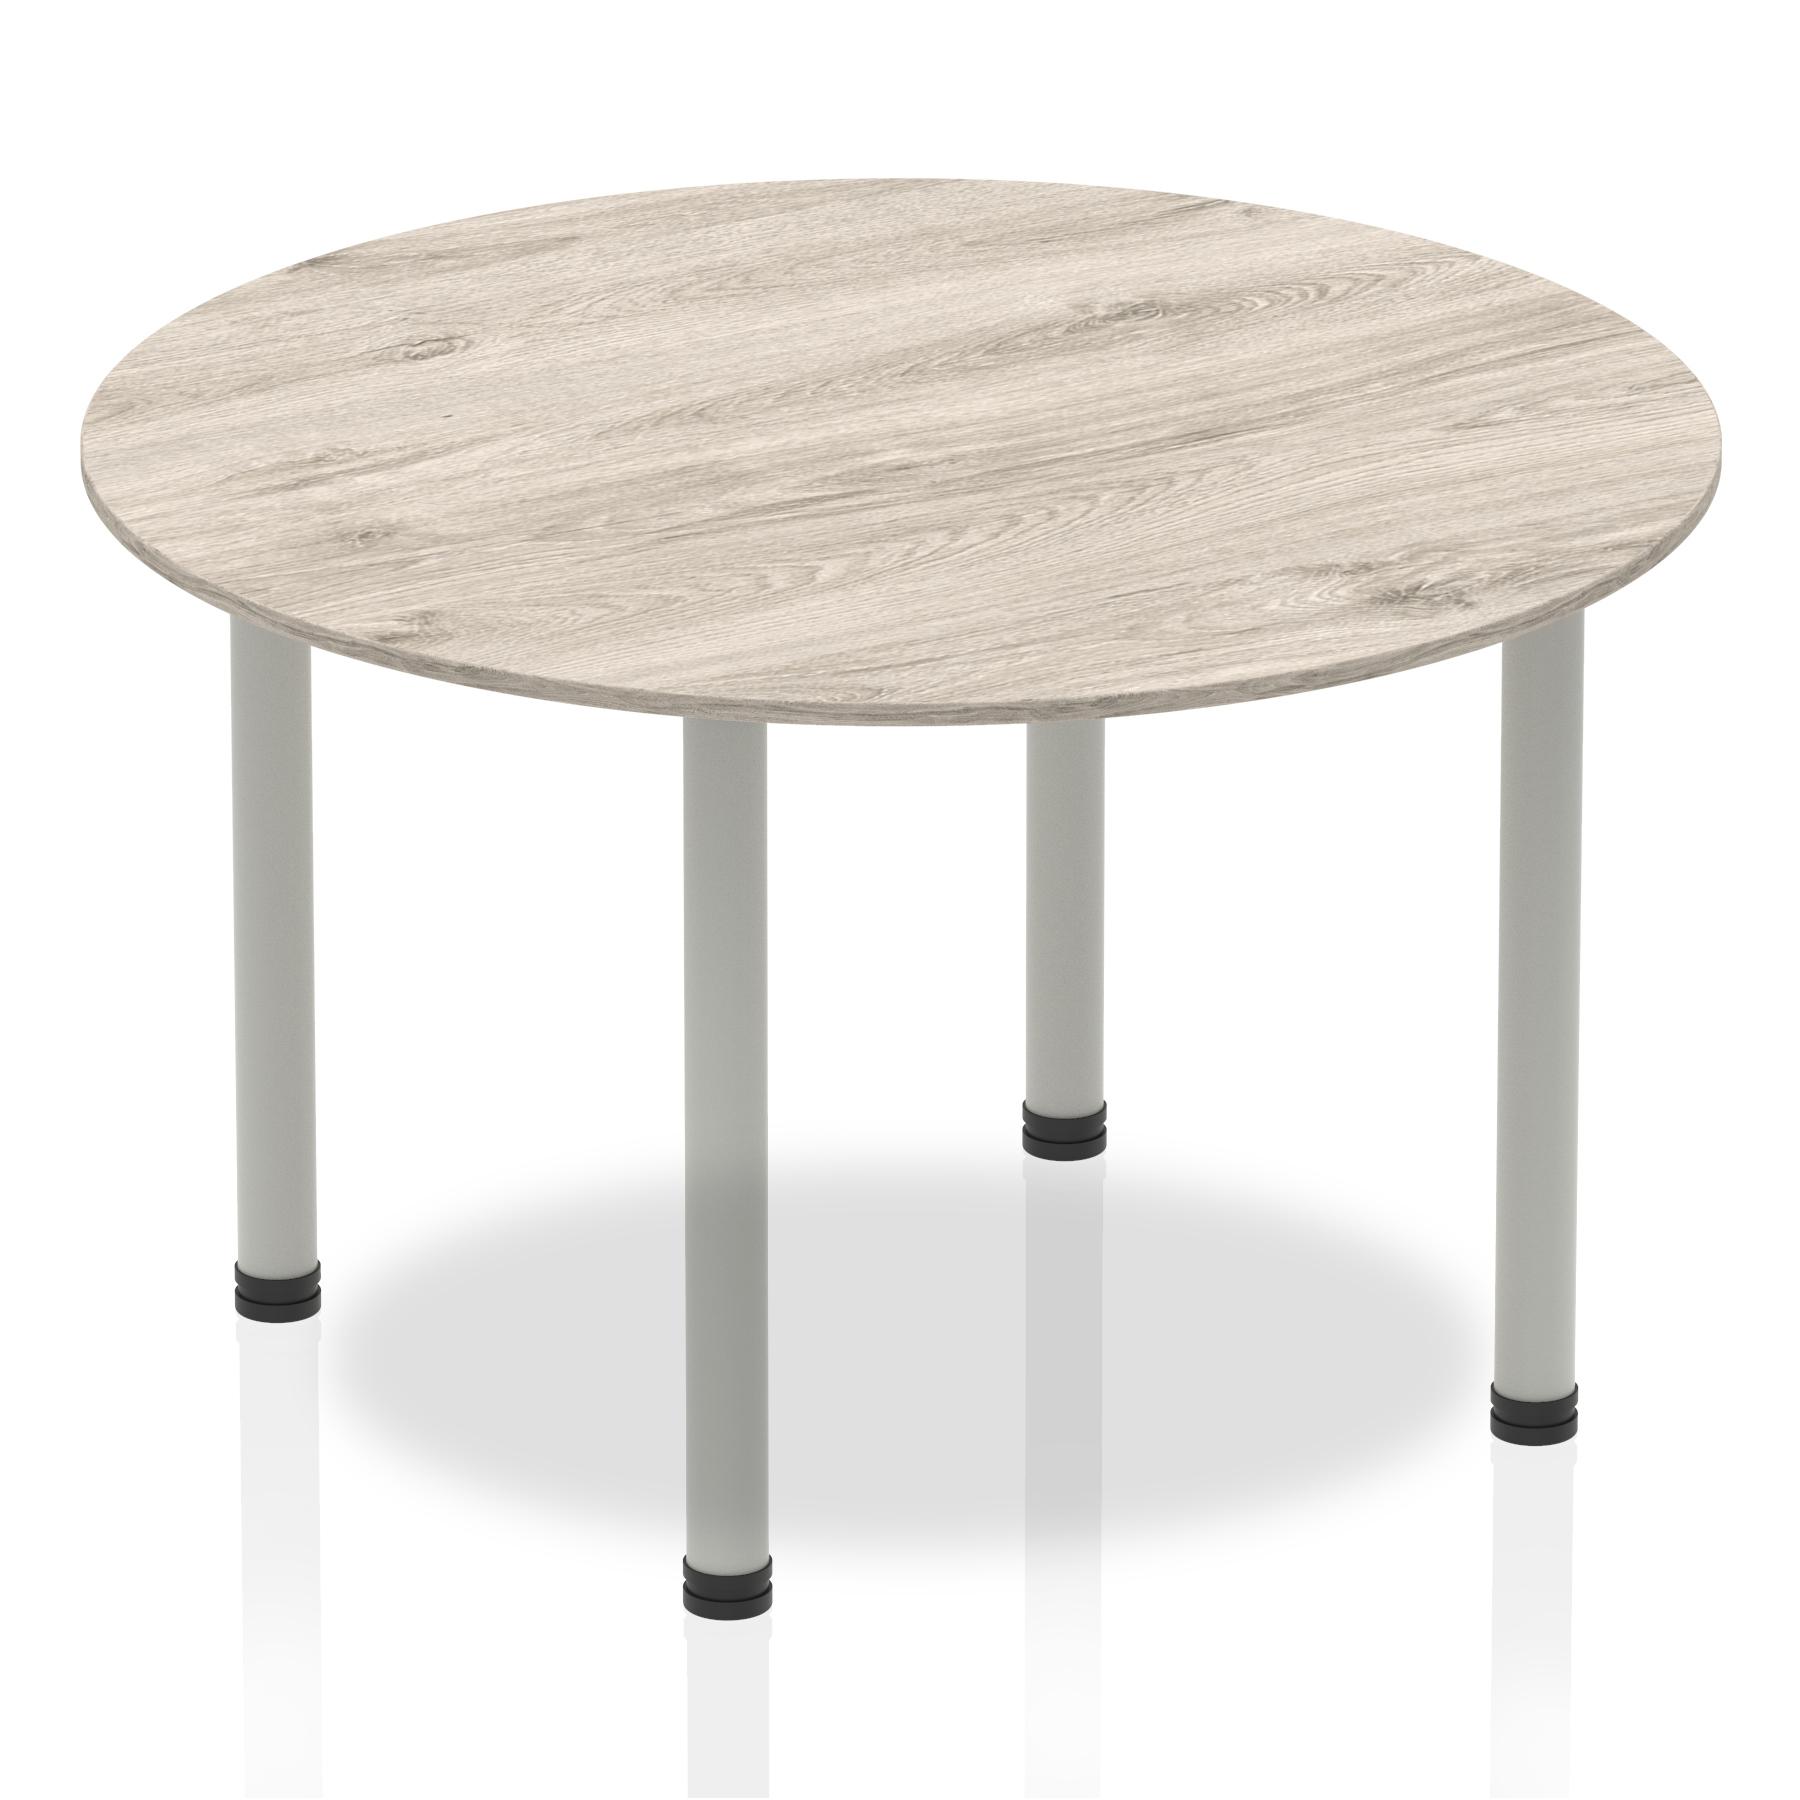 Sonix Circular Silver Post Leg Table 1200mm Grey Oak Ref I003249